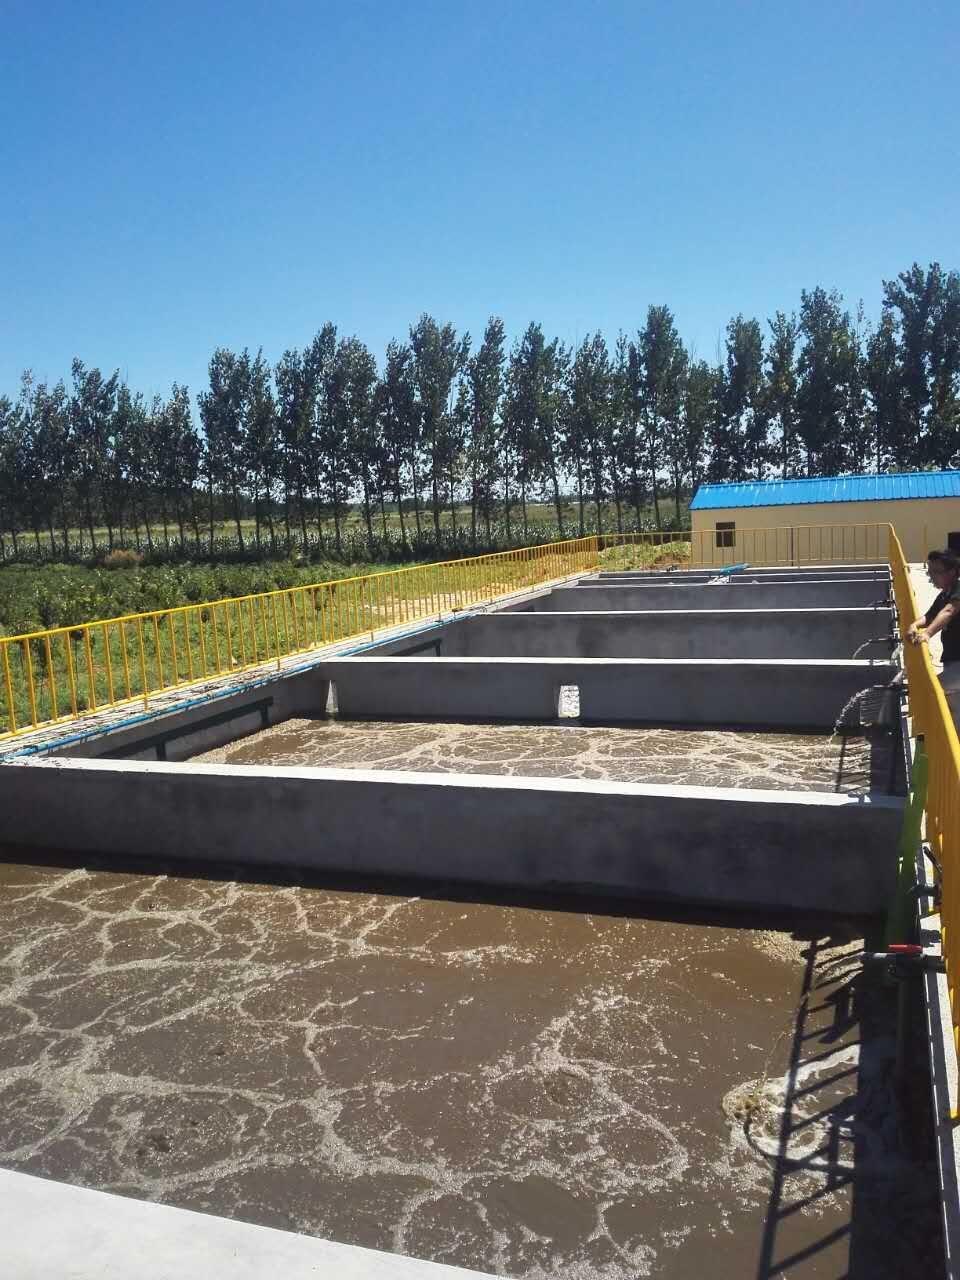 益阳服装洗涤厂污水处理设备免费安装调试